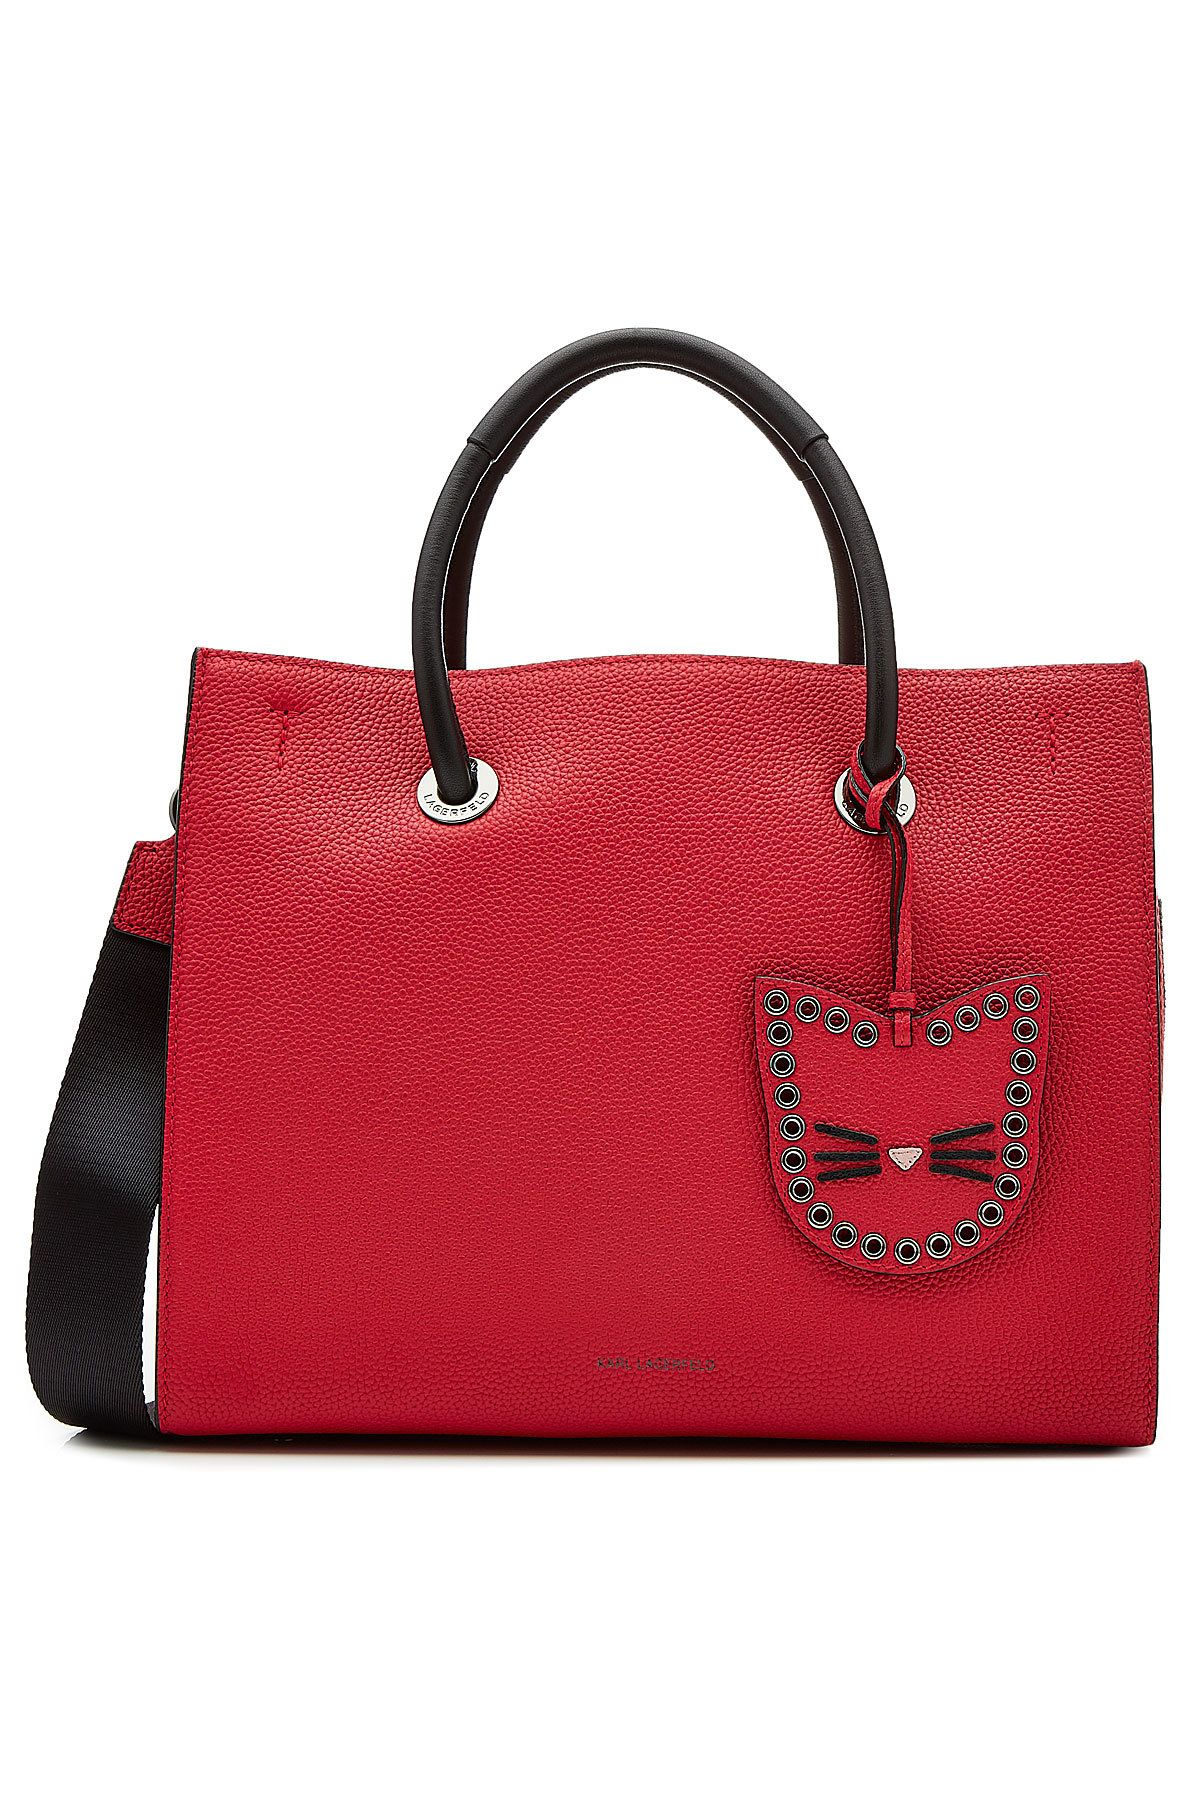 K/Karry All Shopper Bag in Black Pebble Leather Karl Lagerfeld cdtGu